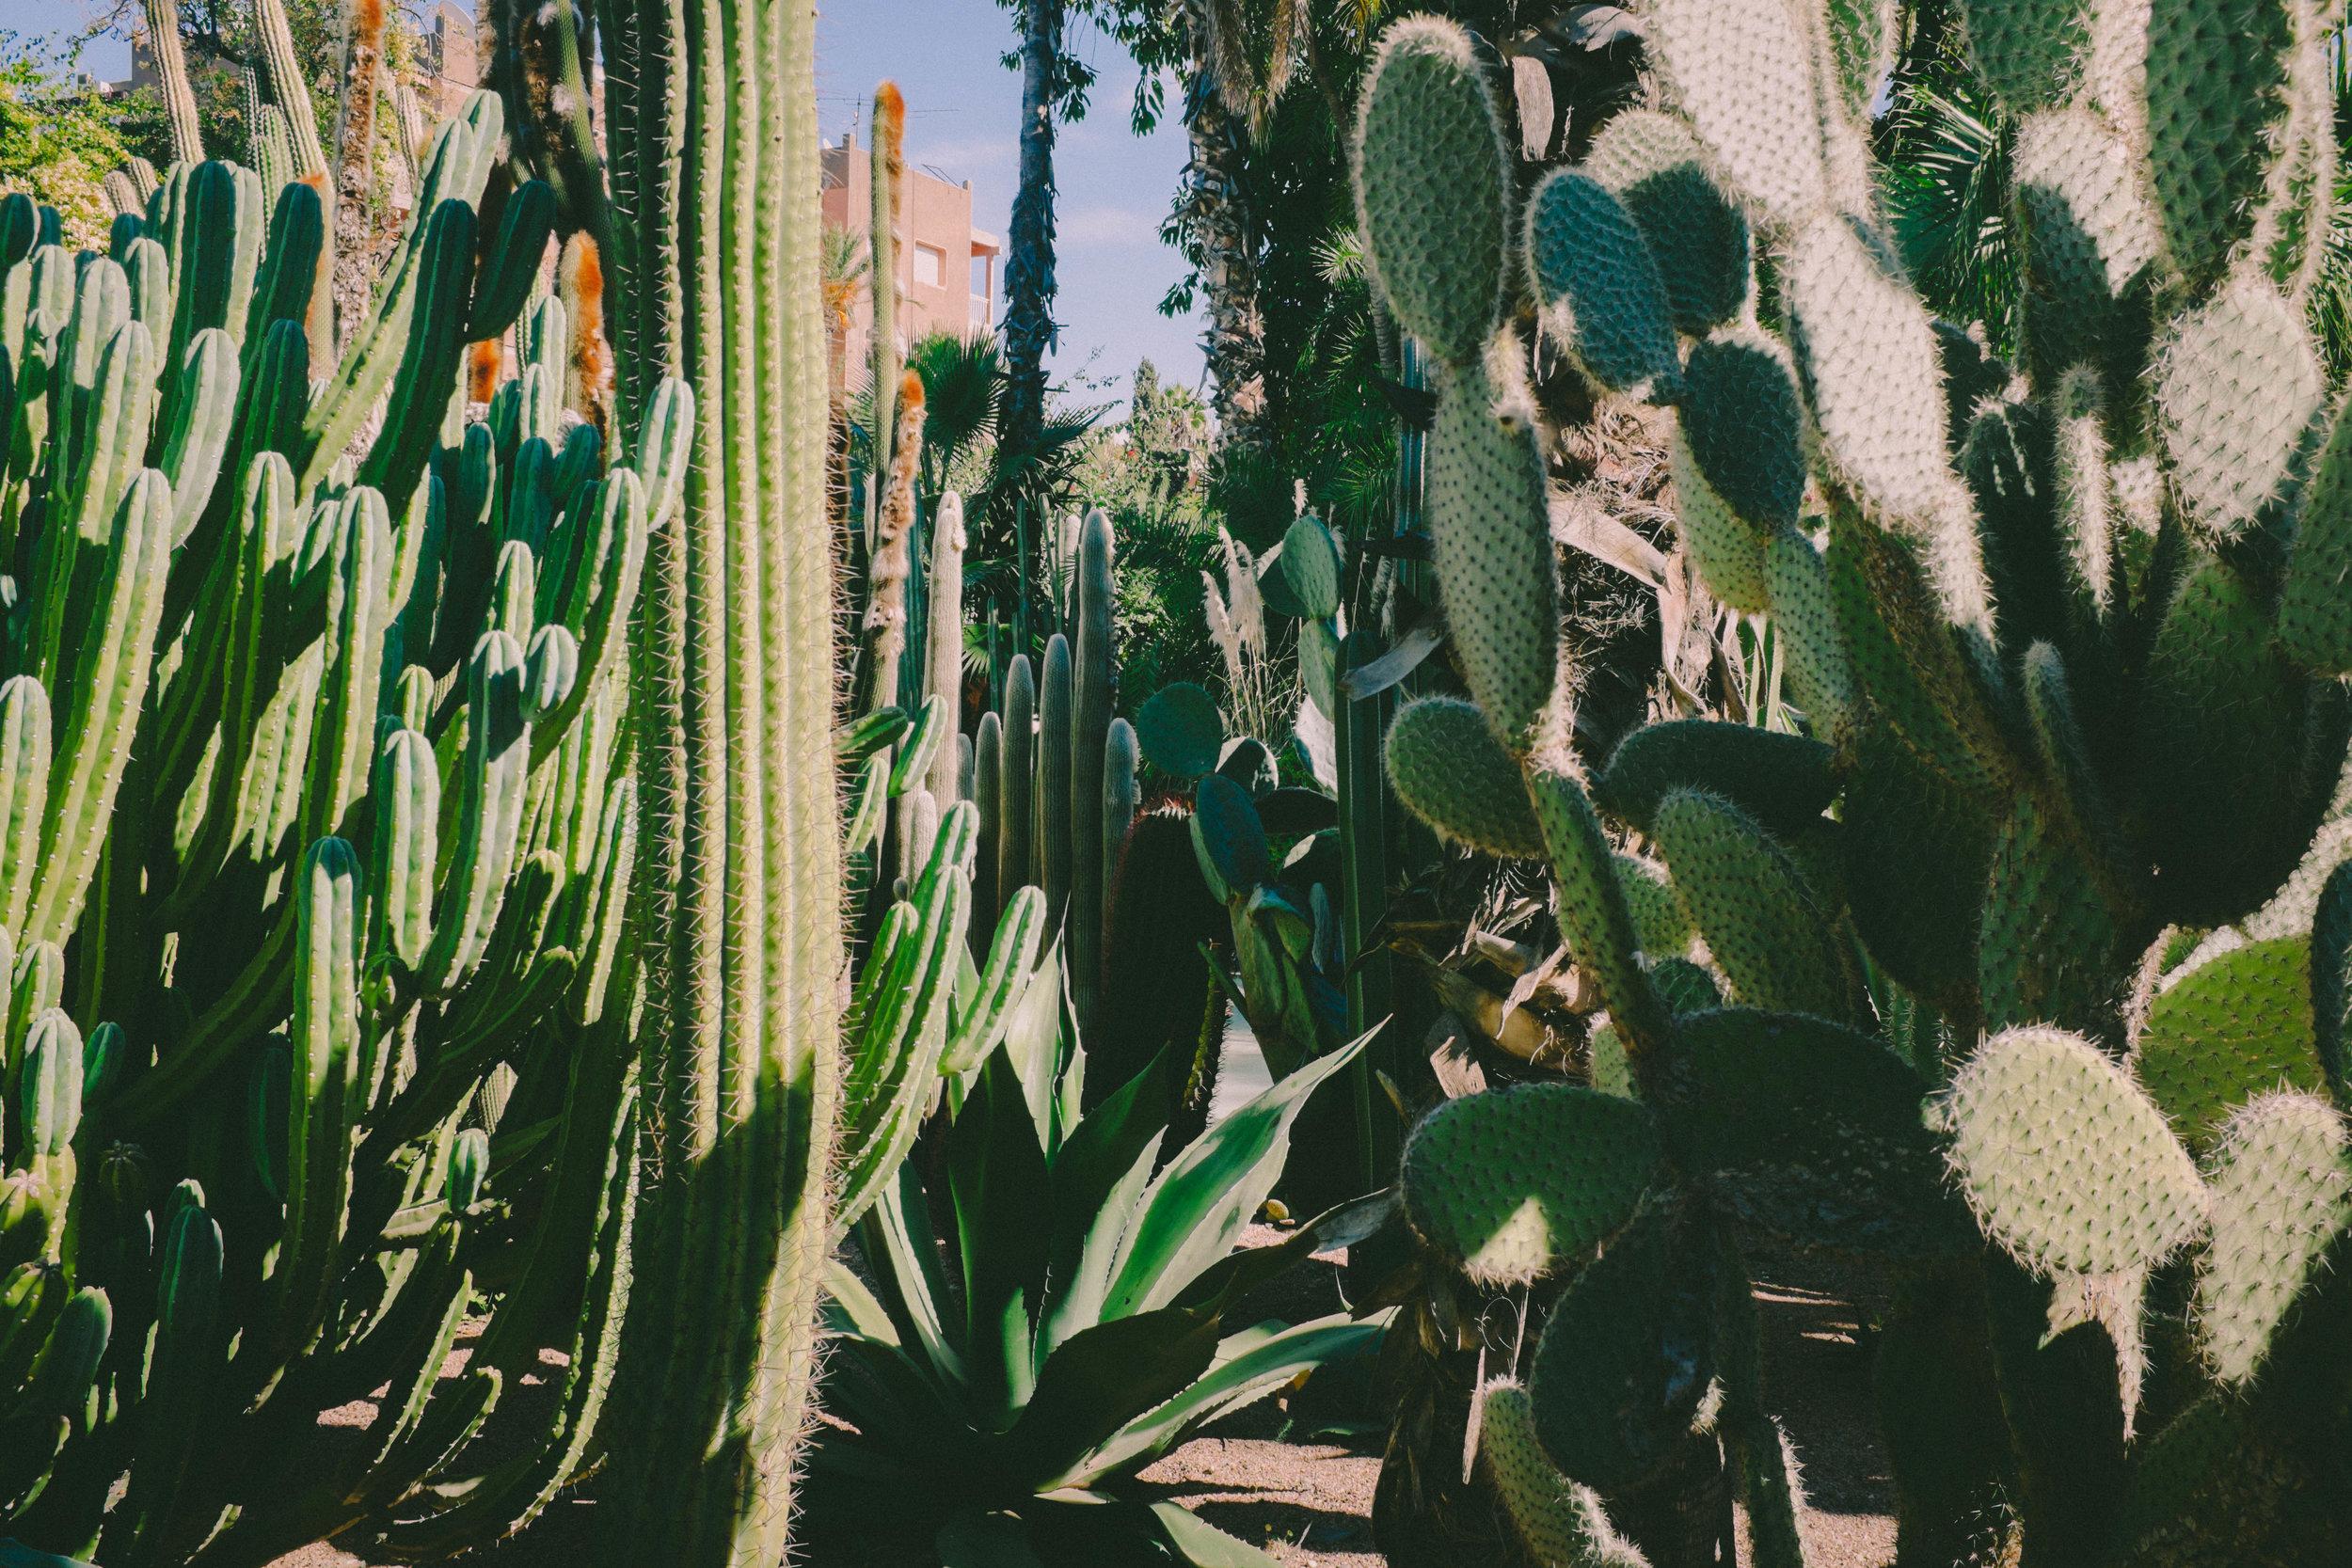 Morocco_Helen_Västrik_Jardin_Majarell_-5.jpg